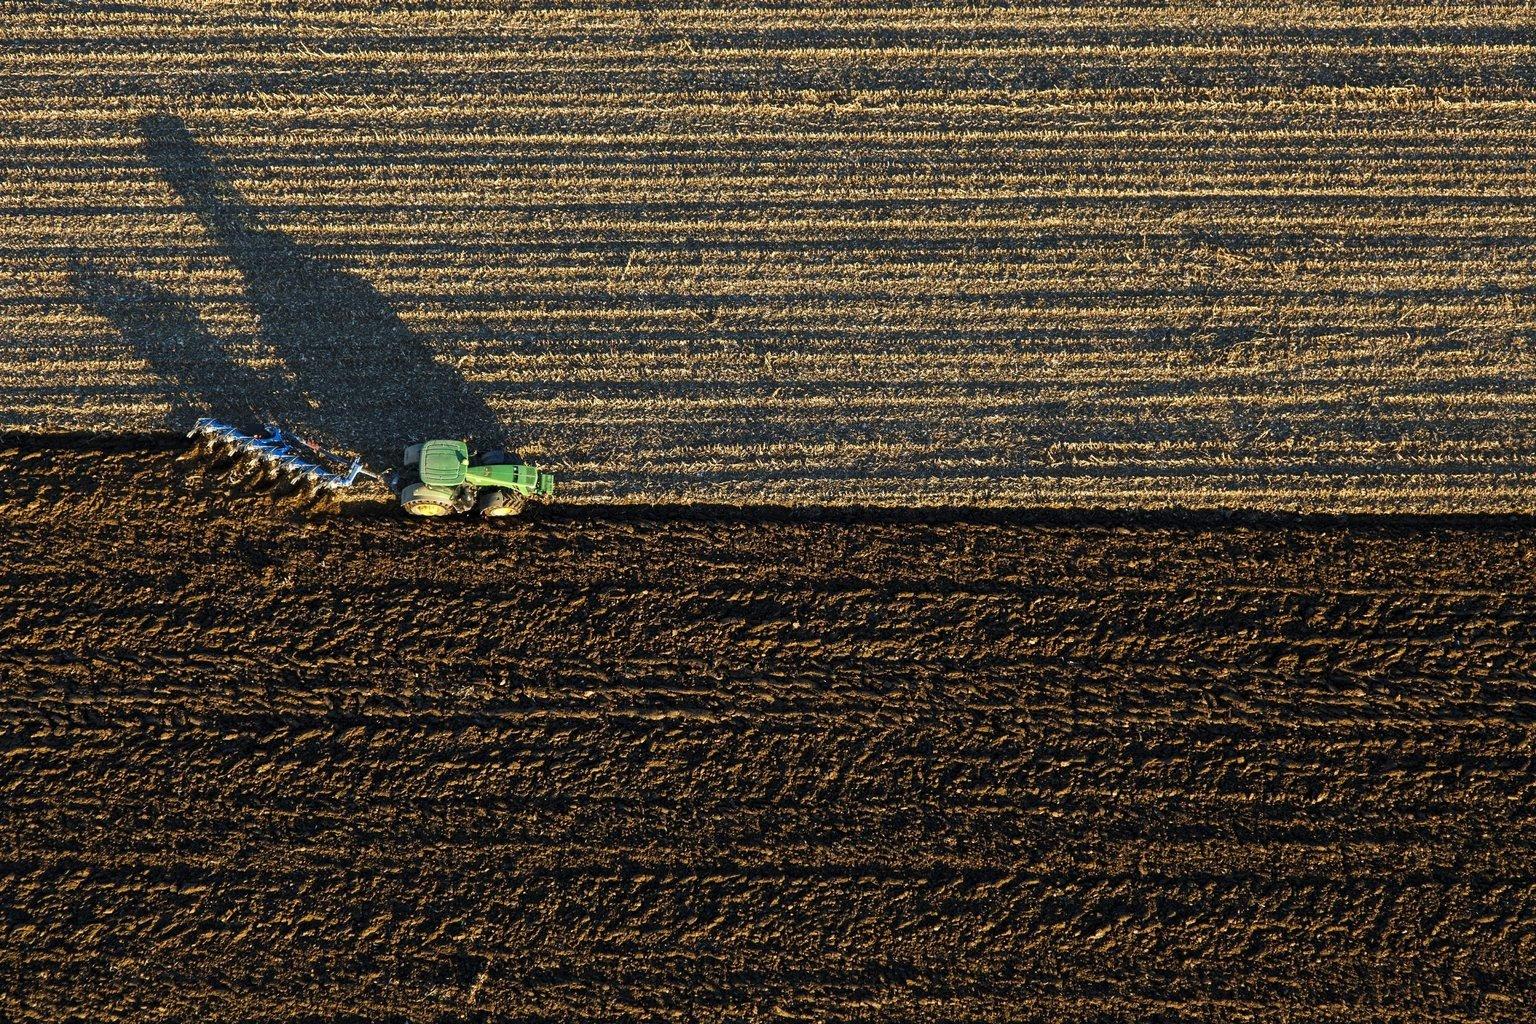 A gazdák aggódnak a túlságosan enyhe időjárás miatt